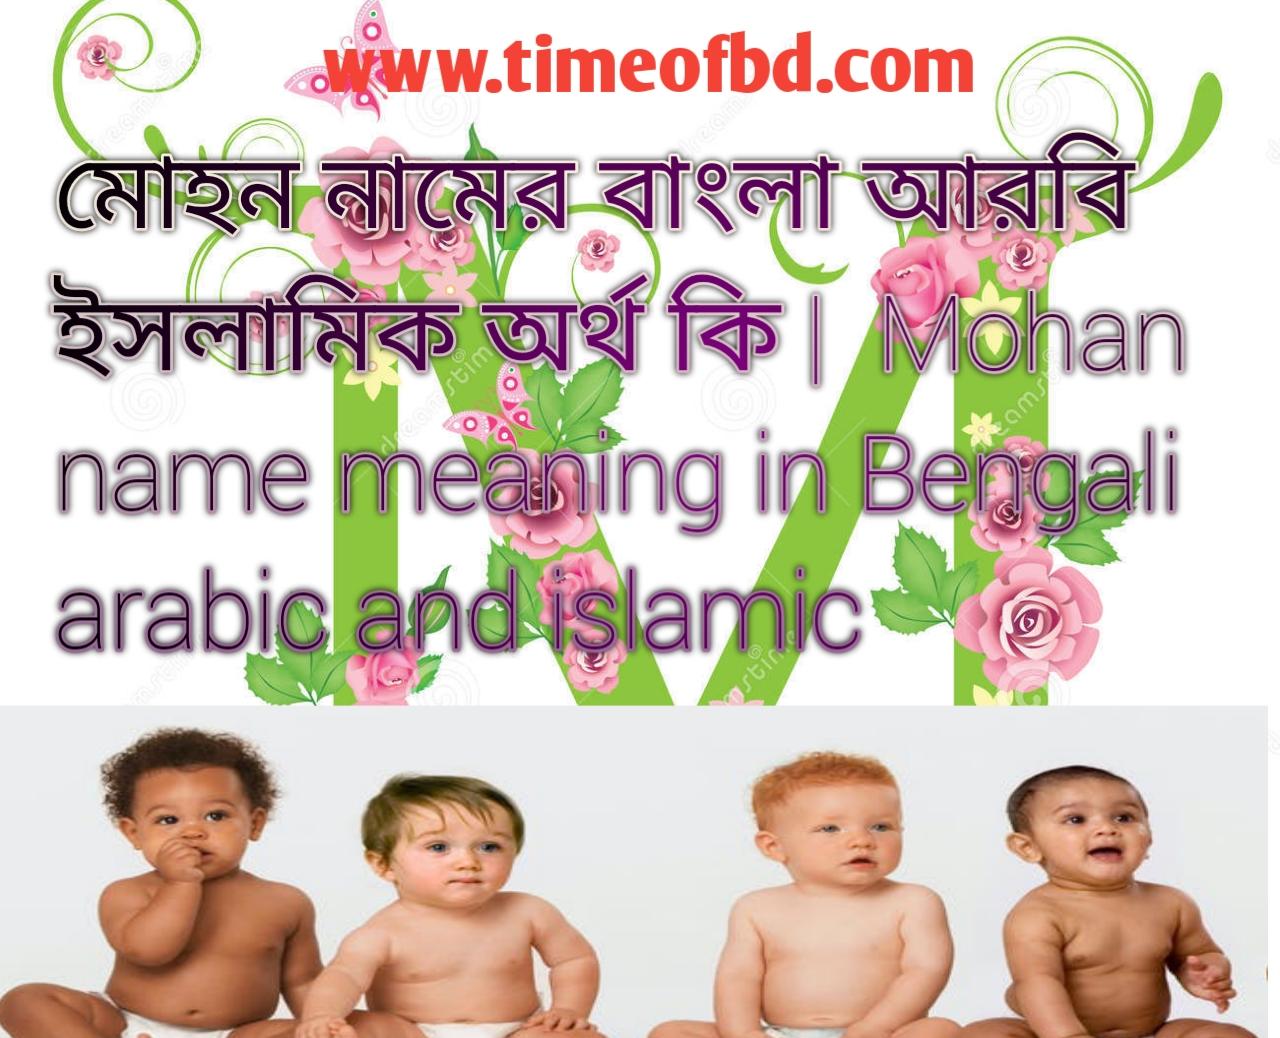 মোহন নামের অর্থ কি, মোহন নামের বাংলা অর্থ কি, মোহন নামের ইসলামিক অর্থ কি, Mohan name in Bengali, মোহন কি ইসলামিক নাম,